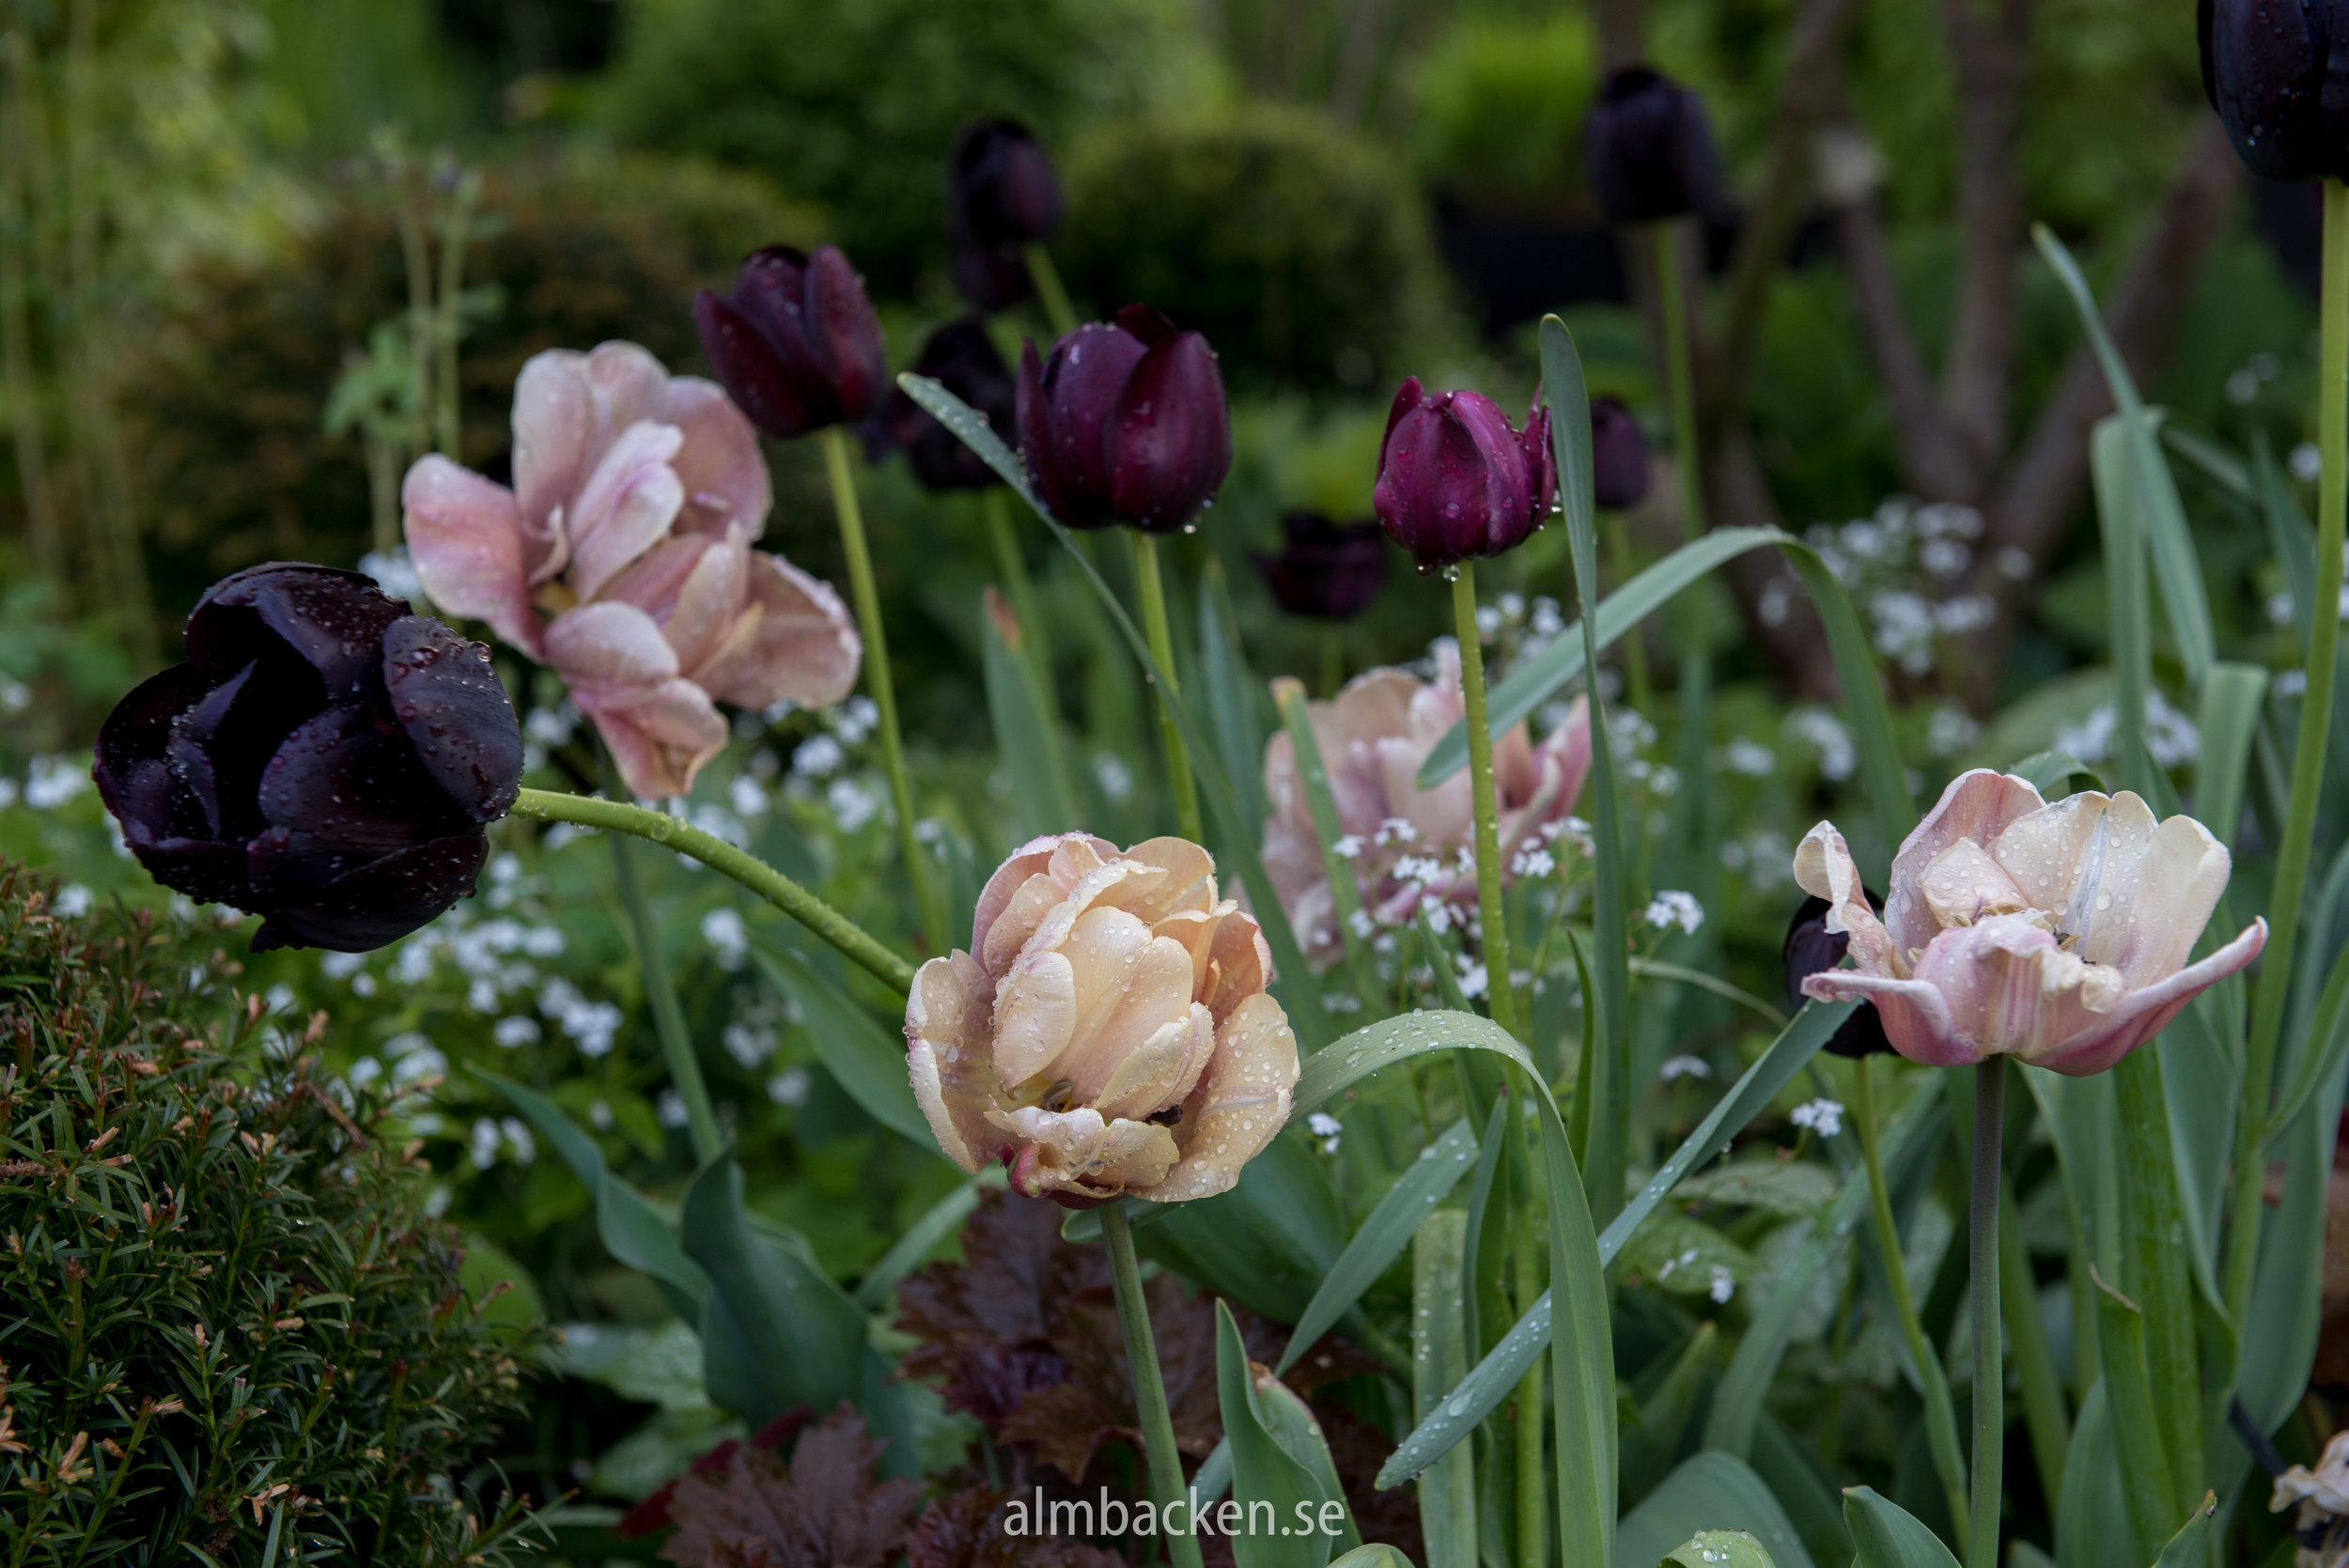 almbacken-tradgardsdesign-tulipa-la-belle-epoque-paul-scherer.jpg